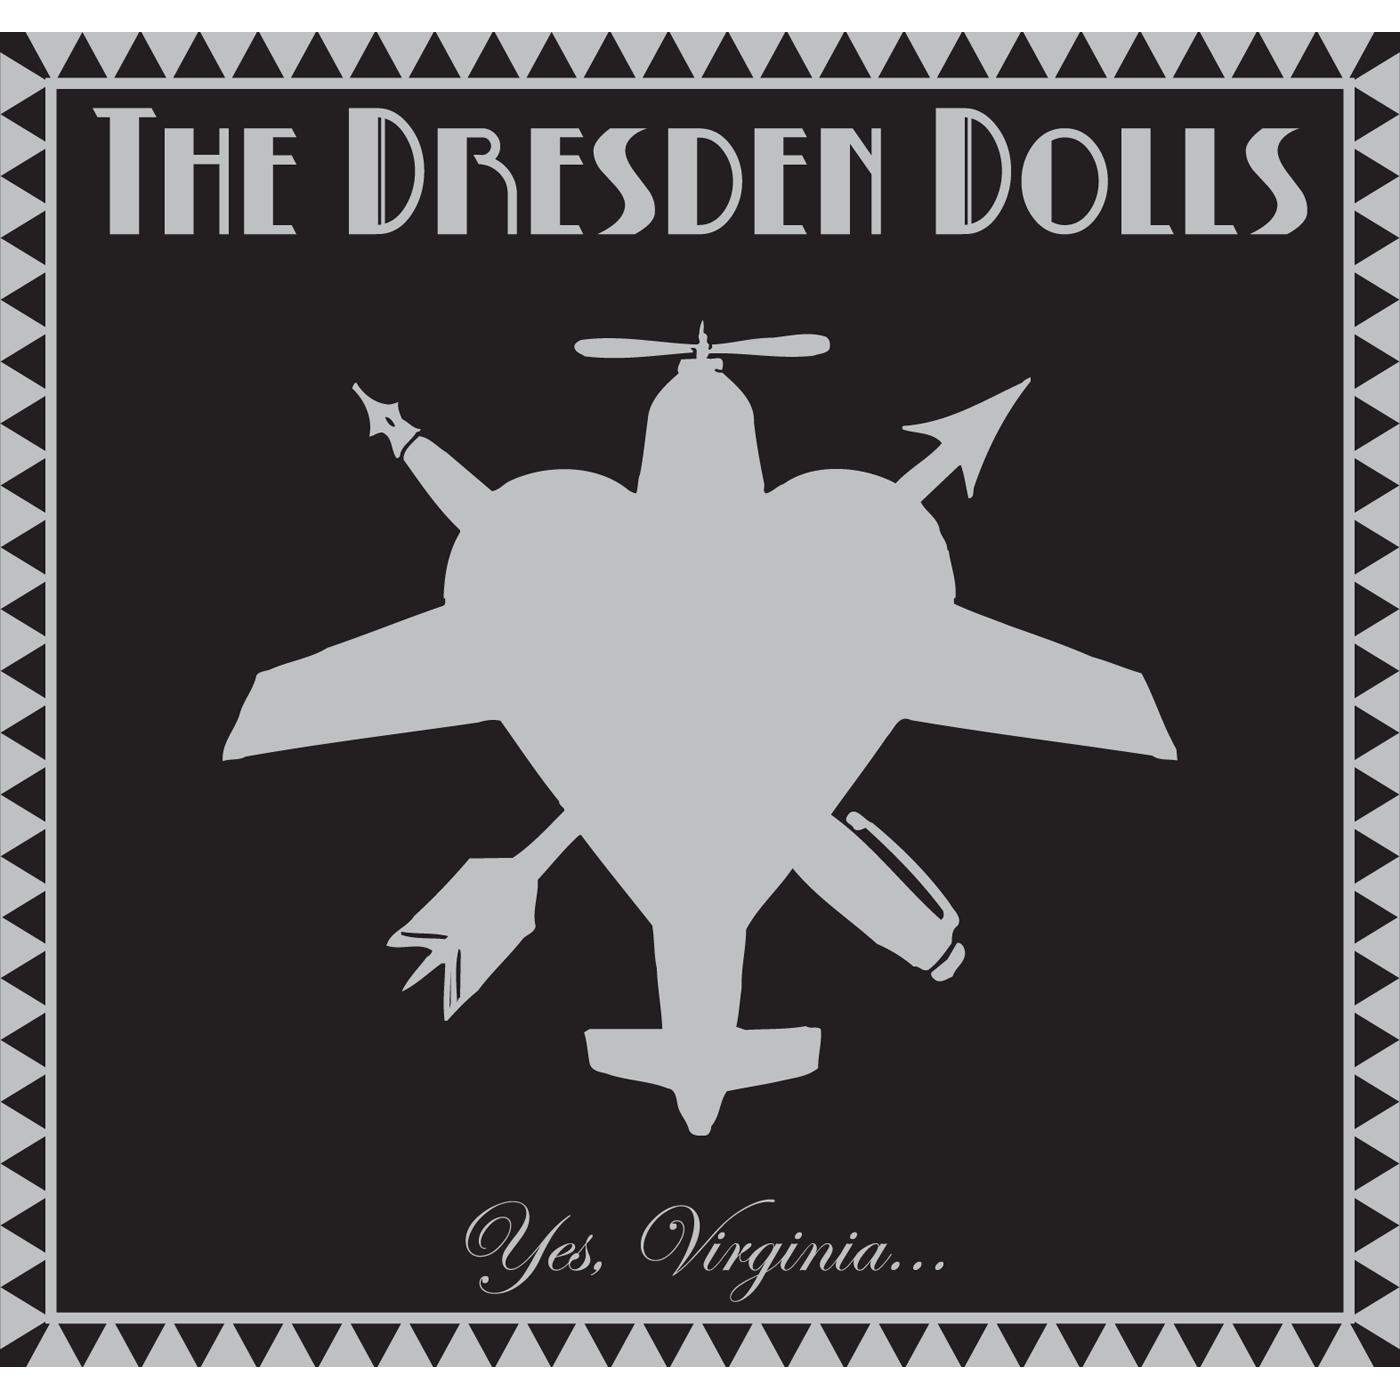 dresden dolls sex changes lyrics meaning in Saanich